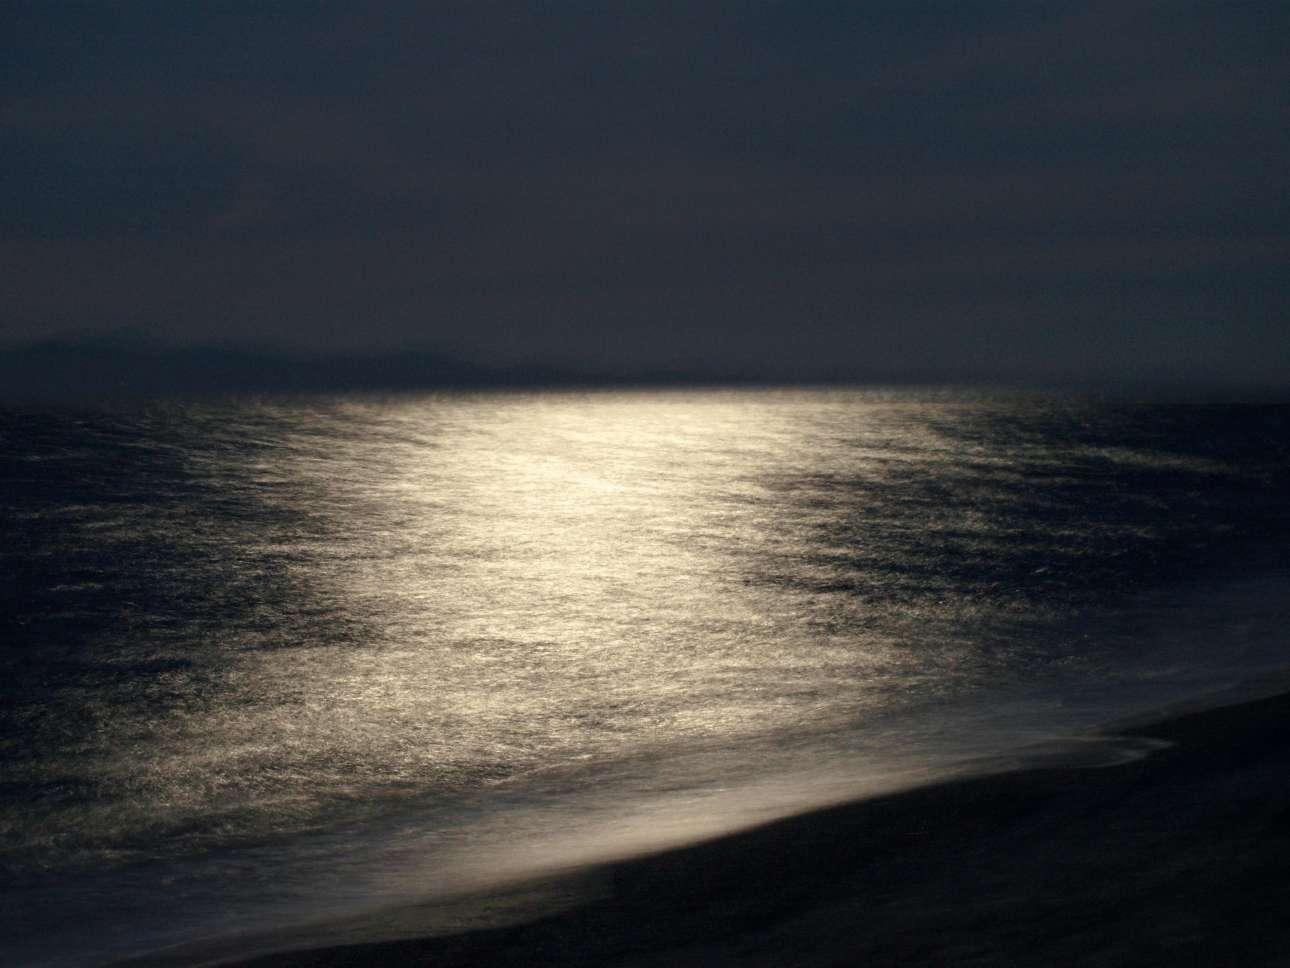 Πίσω στα δικά μας, και συγκεκριμένα στη Χαλκιδική. Το φως της Σελήνης όπως αποτυπώθηκε χάρη στην τεχνική της 15χρονης Αναστασίας Ζιαβρά μετατρέπει τη θάλασσα σε μία βελούδινη, ασημένια επιφάνεια. Anastasia Ziavra/ Outdoor Photography